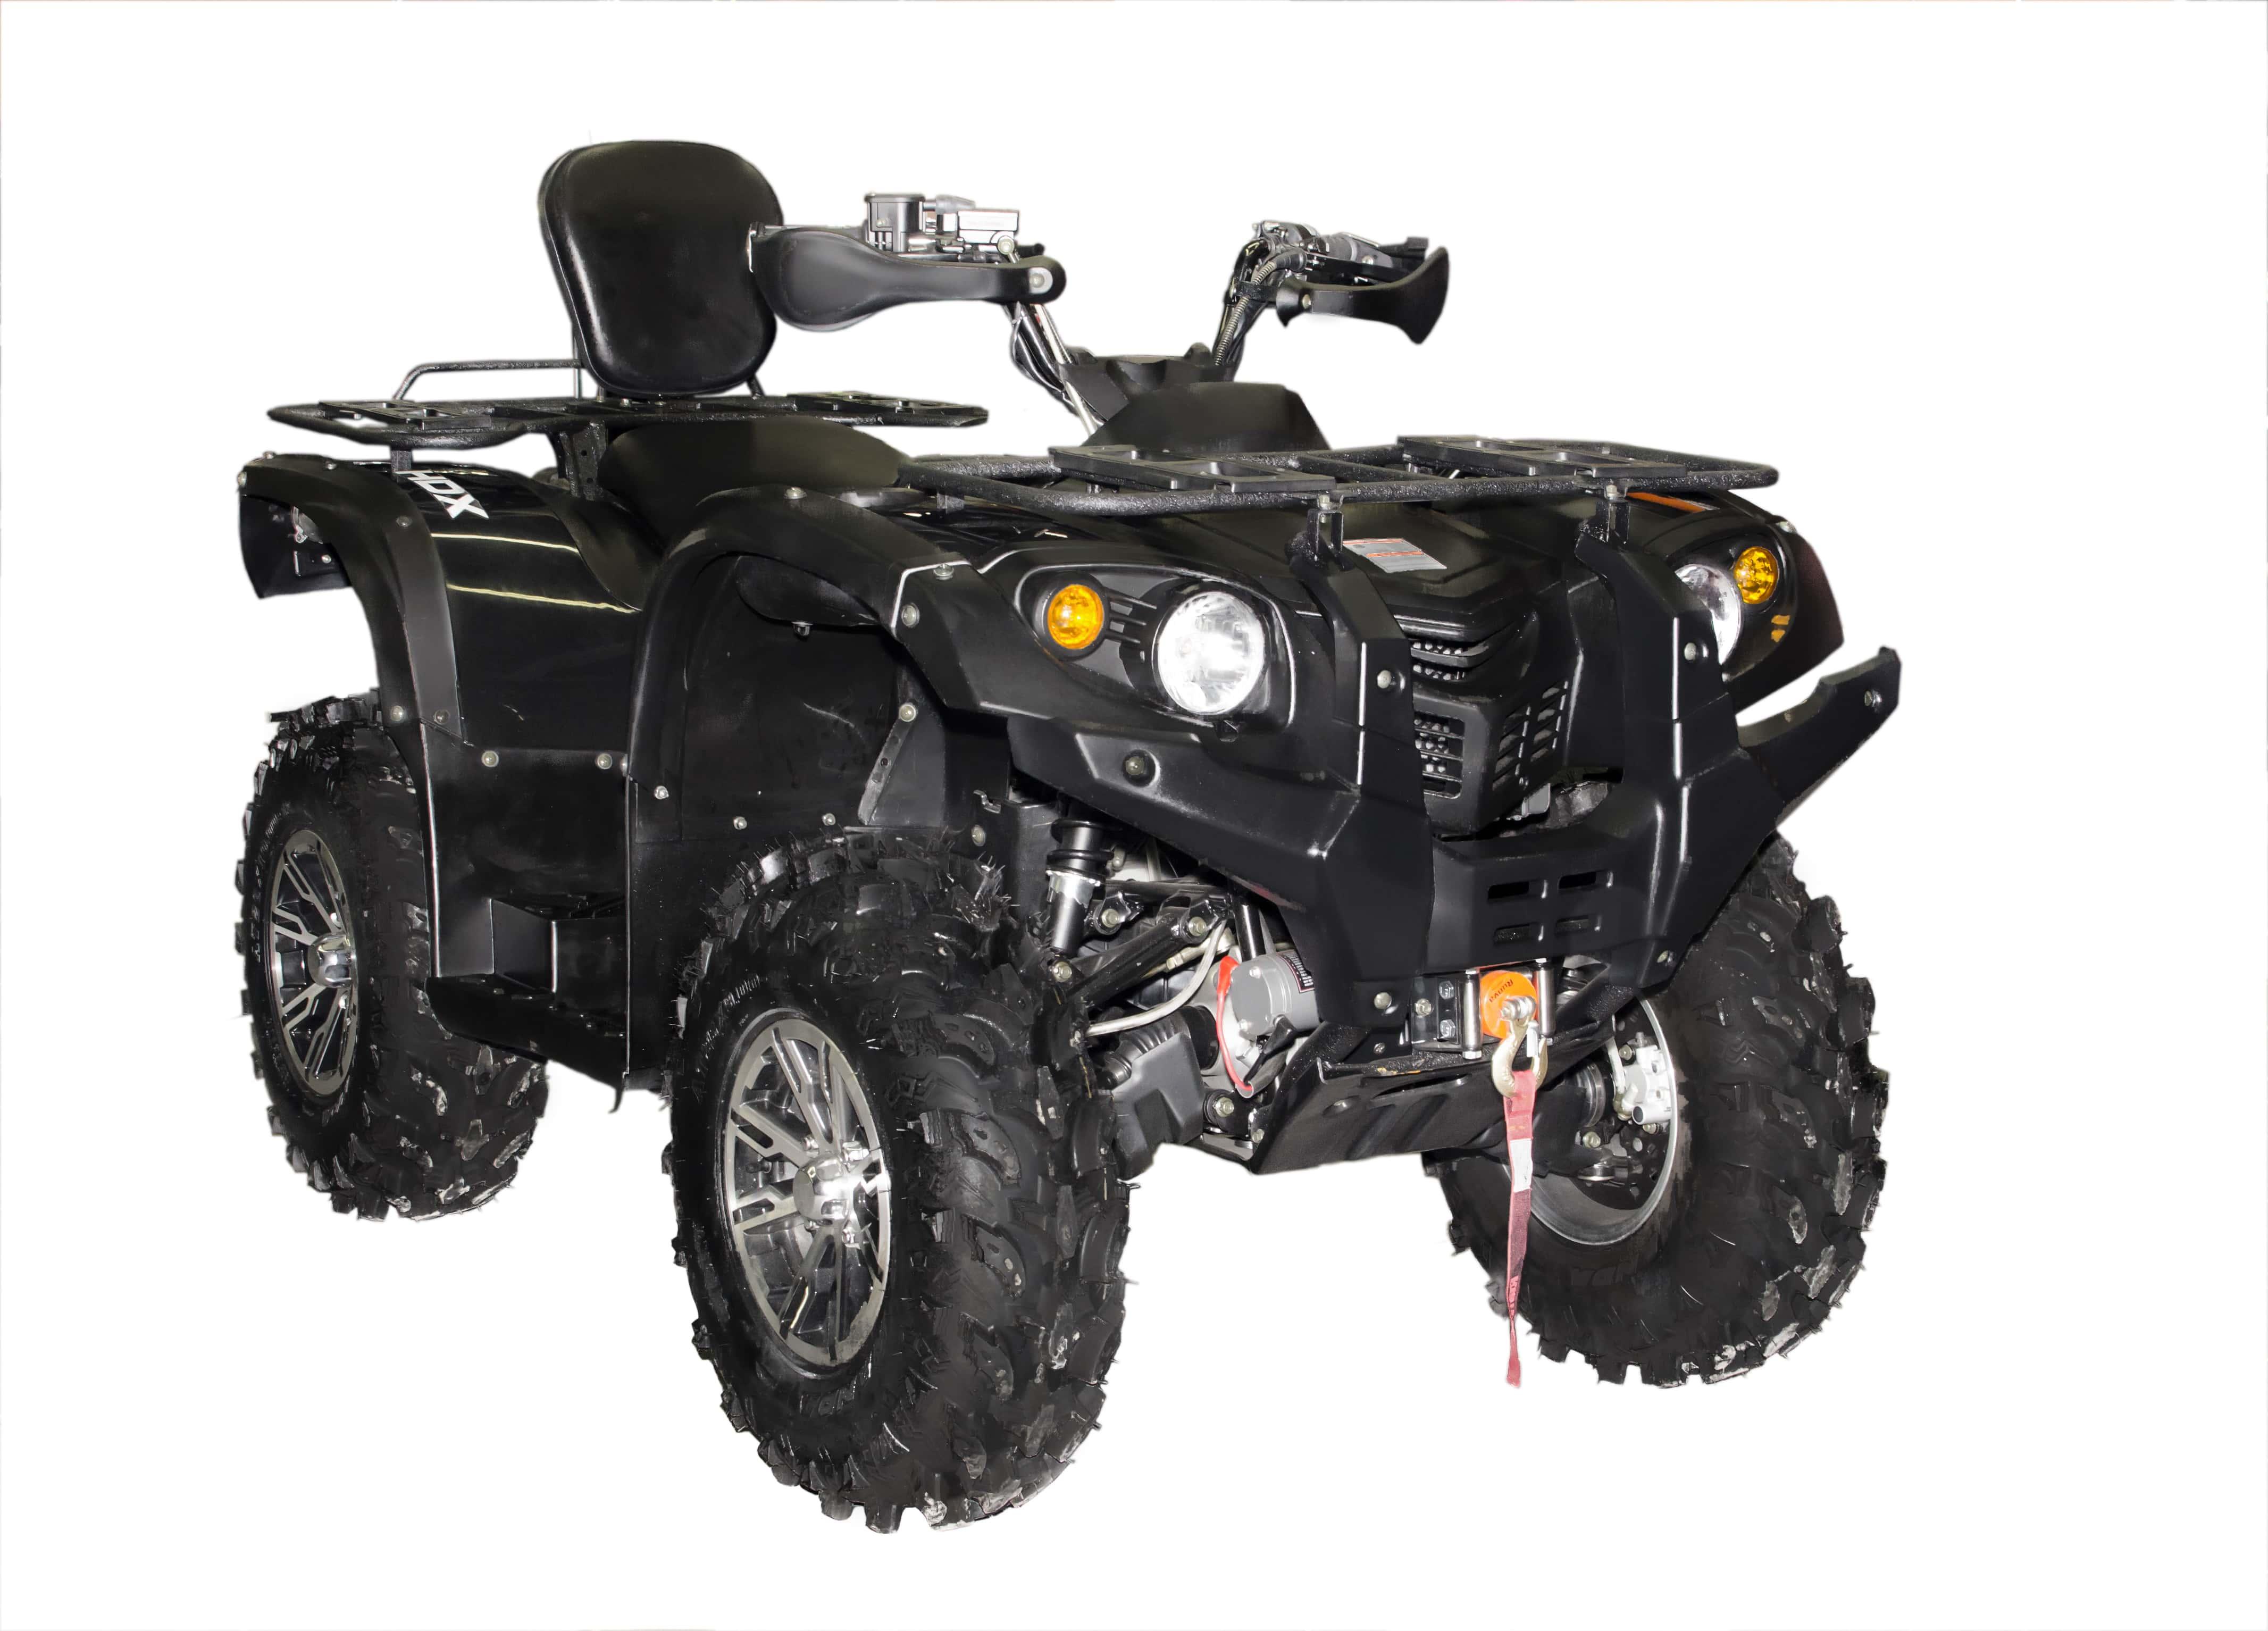 Мотовездеход HDX 470ATV, черныйКвадроциклы<br>Безопасный и простой в управлении квадроцикл HDX 470XT сразу привлекает к себе внимание. Отличная модель для энергичных прогулок по бездорожью и рыболовно-охотничьих поездок. На нем удобно пробираться в самые отдаленные места.<br>